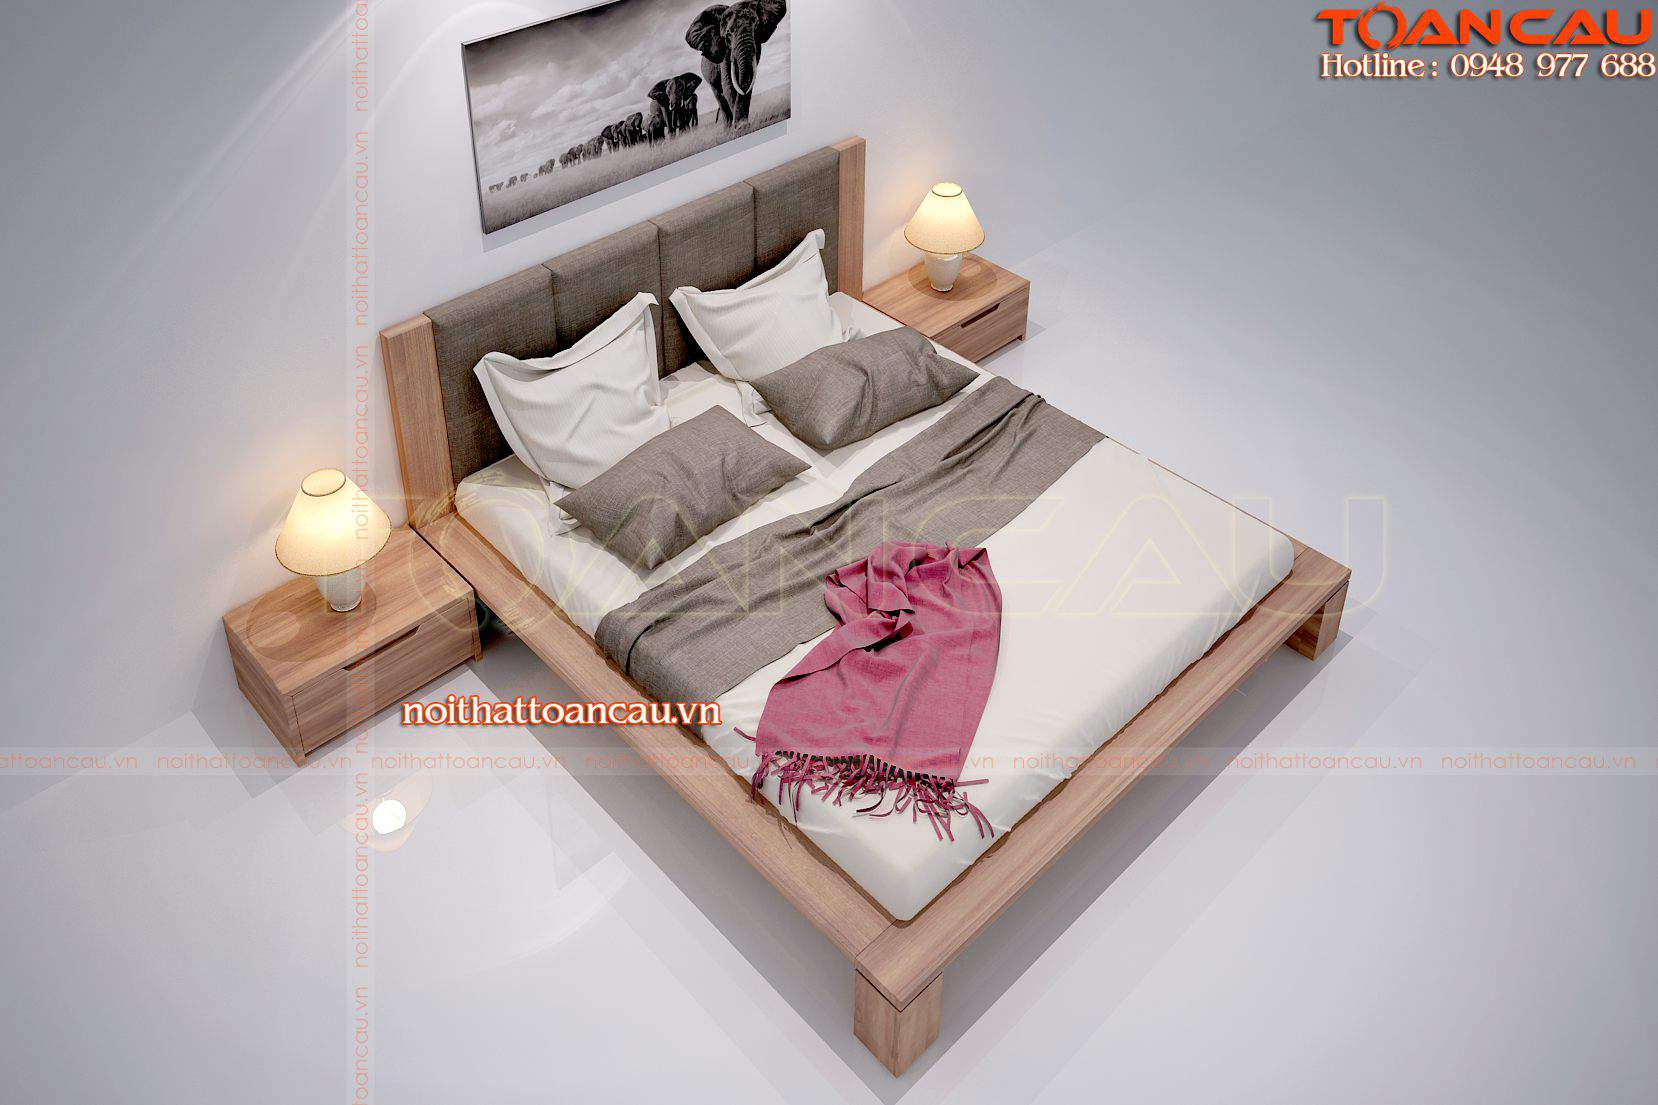 Giường giá rẻ tại Bình Dương cho nhà đẹp